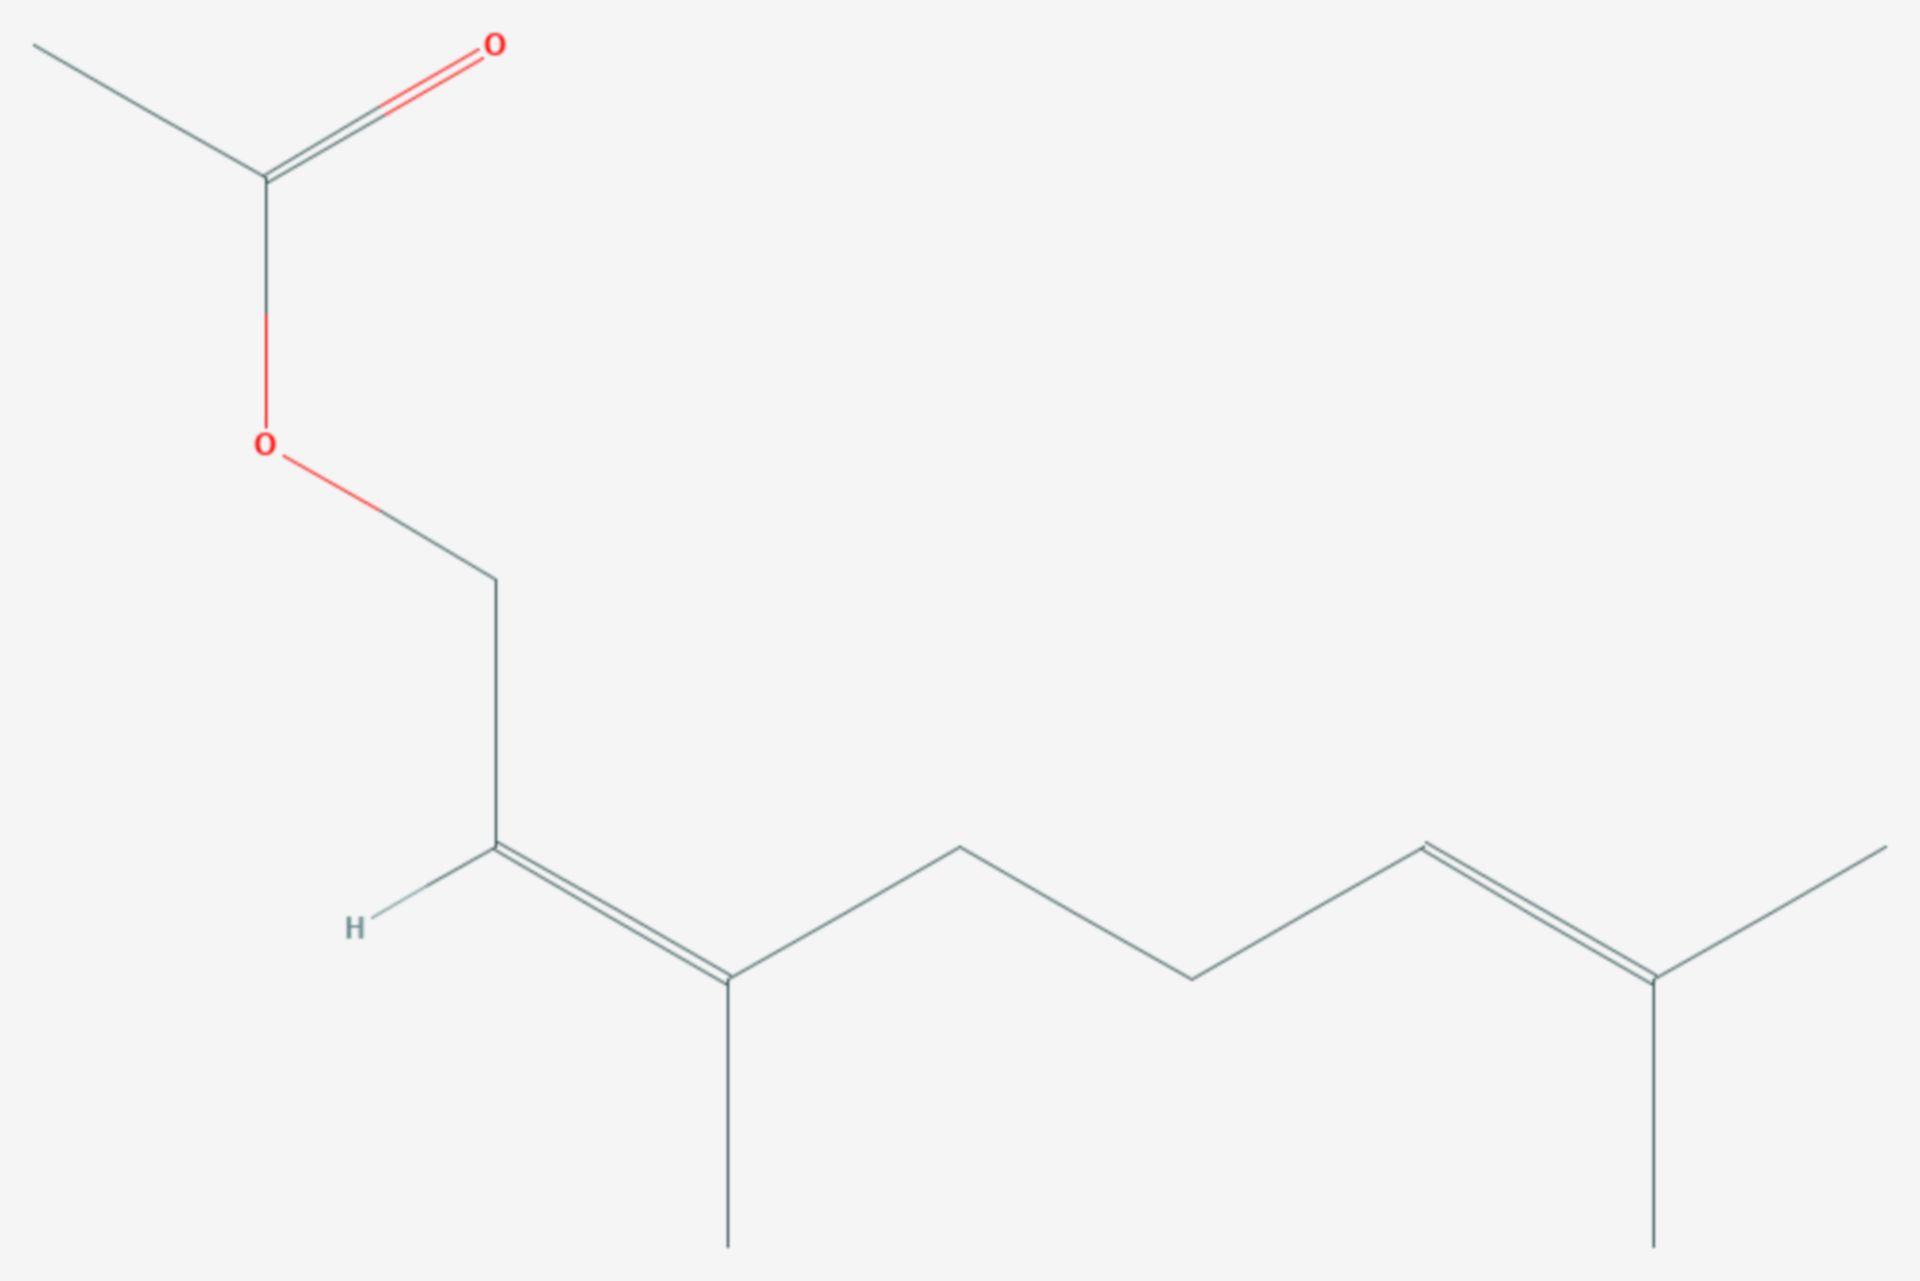 Essigsäurenerylester (Strukturformel)